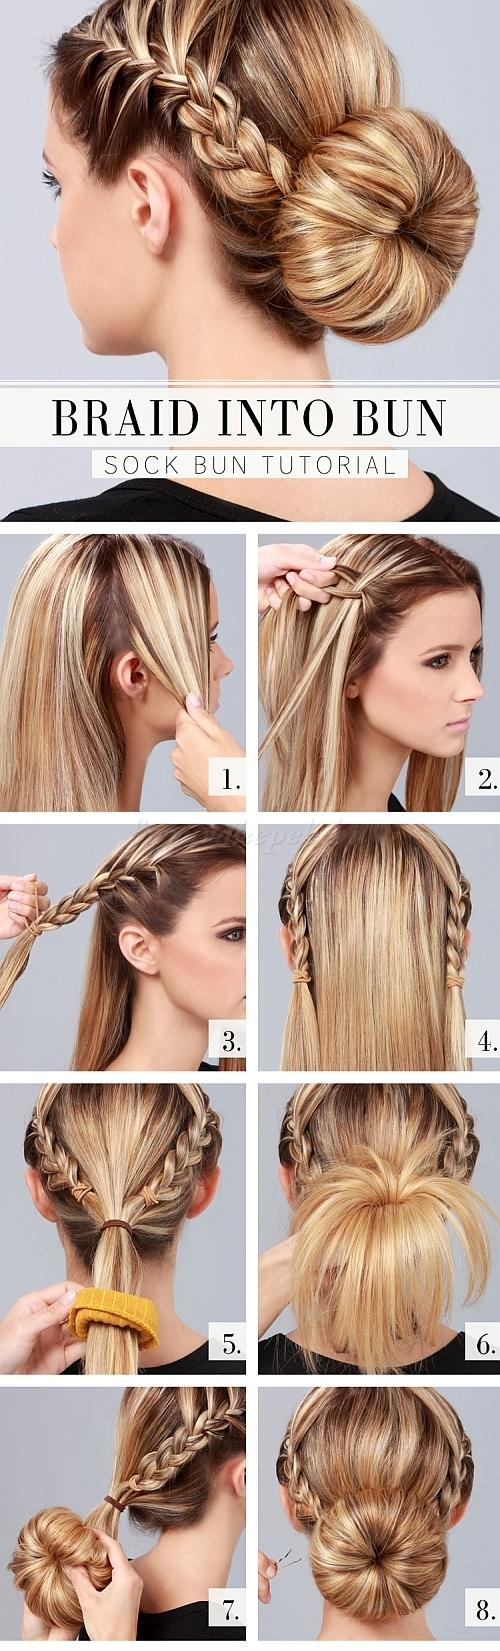 Zoknikonty fonással díszítve hair ideas x pinterest hair